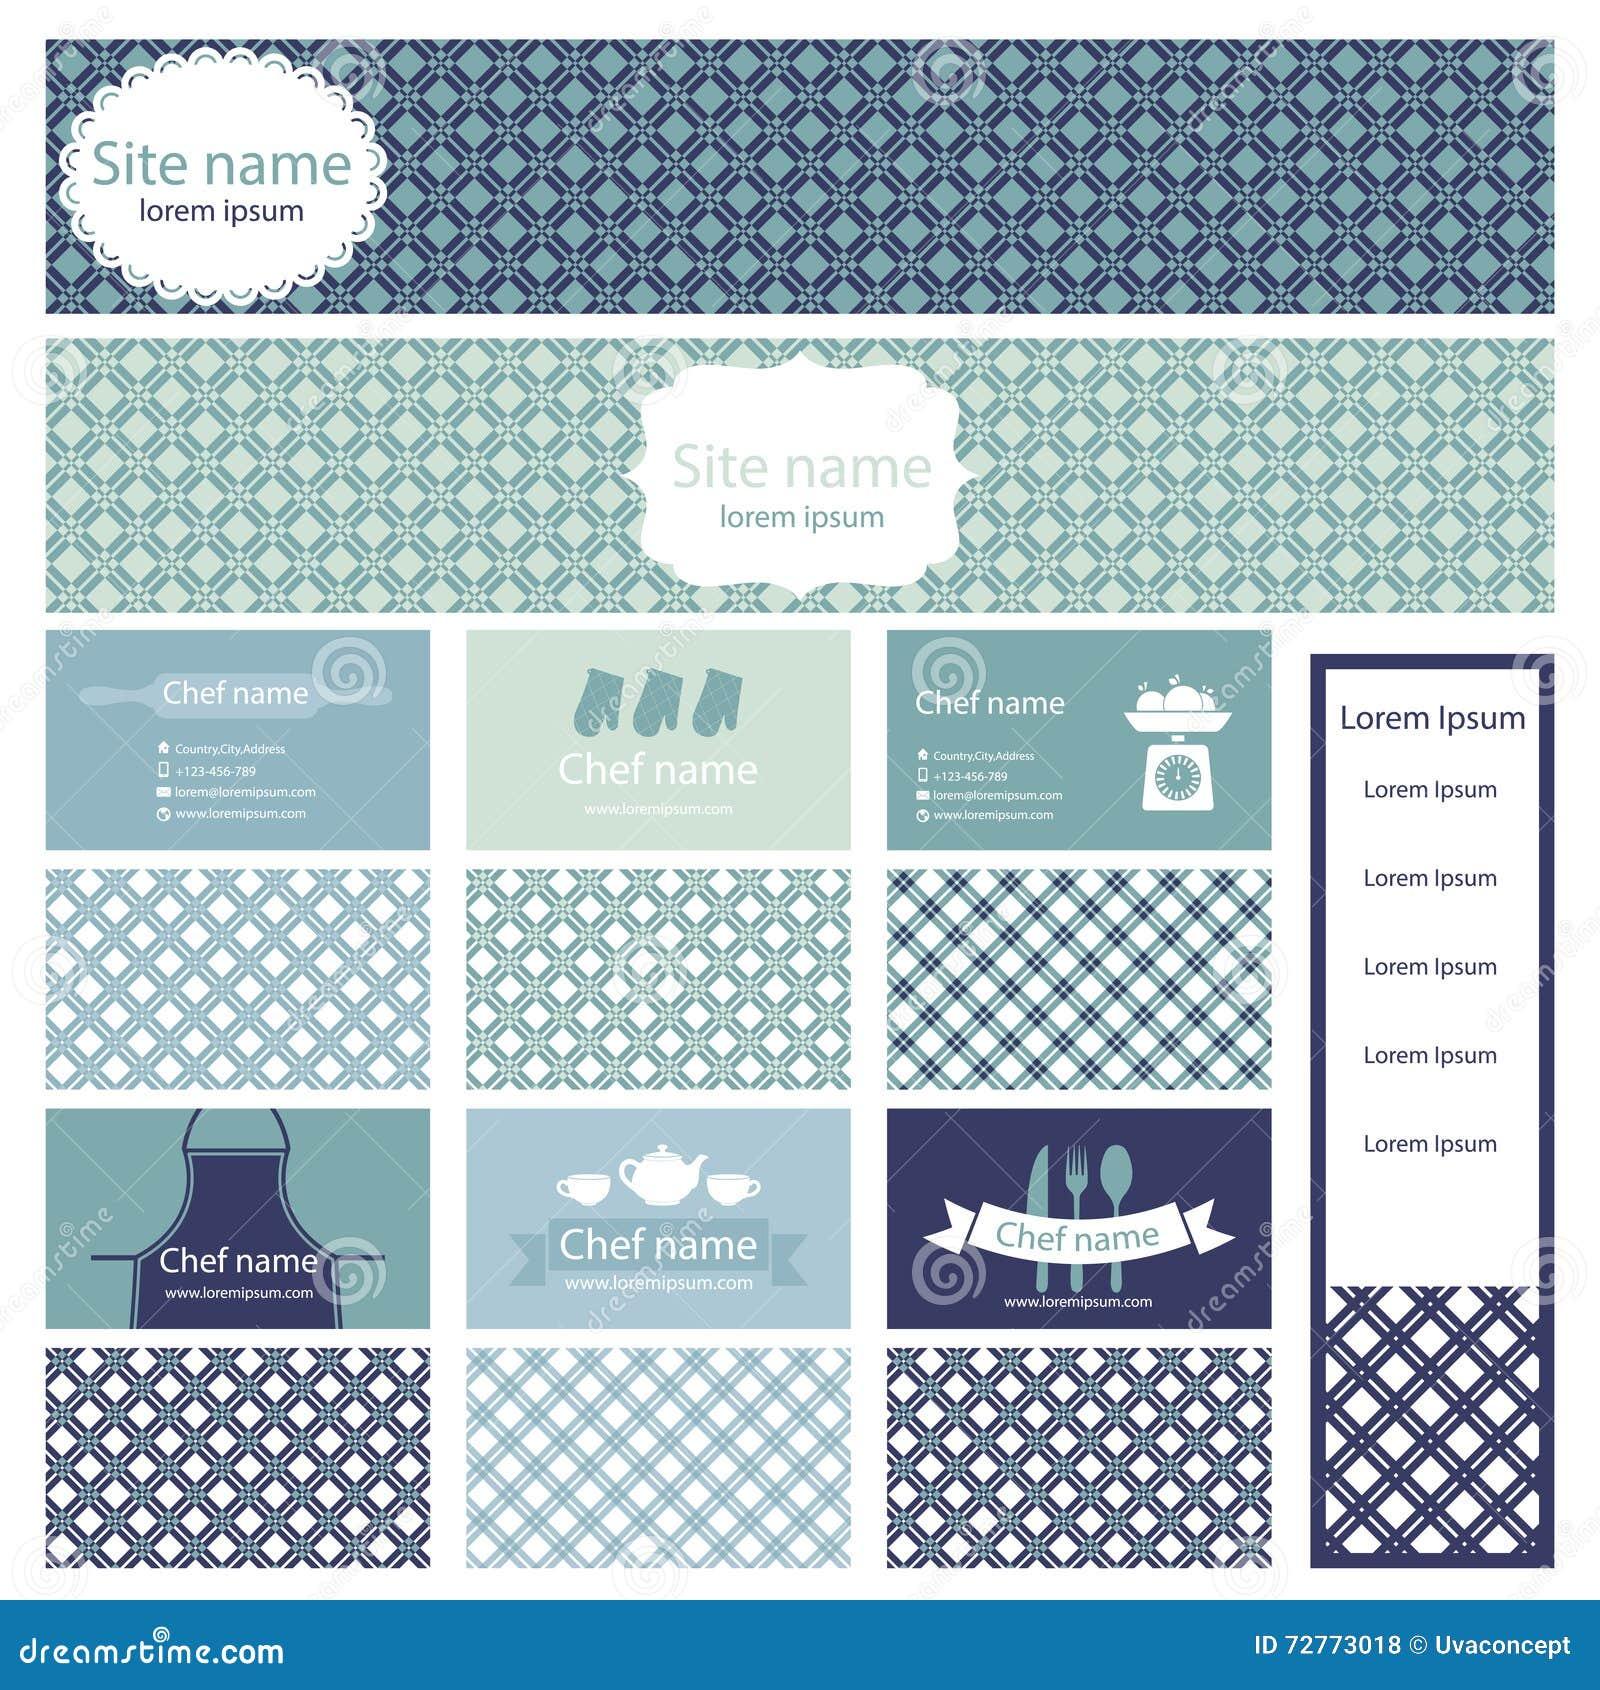 Ensemble De Cartes Visite Professionnelle Et Site Web Den Tte Pour Faire Cuire Le Thme Illustration Vecteur